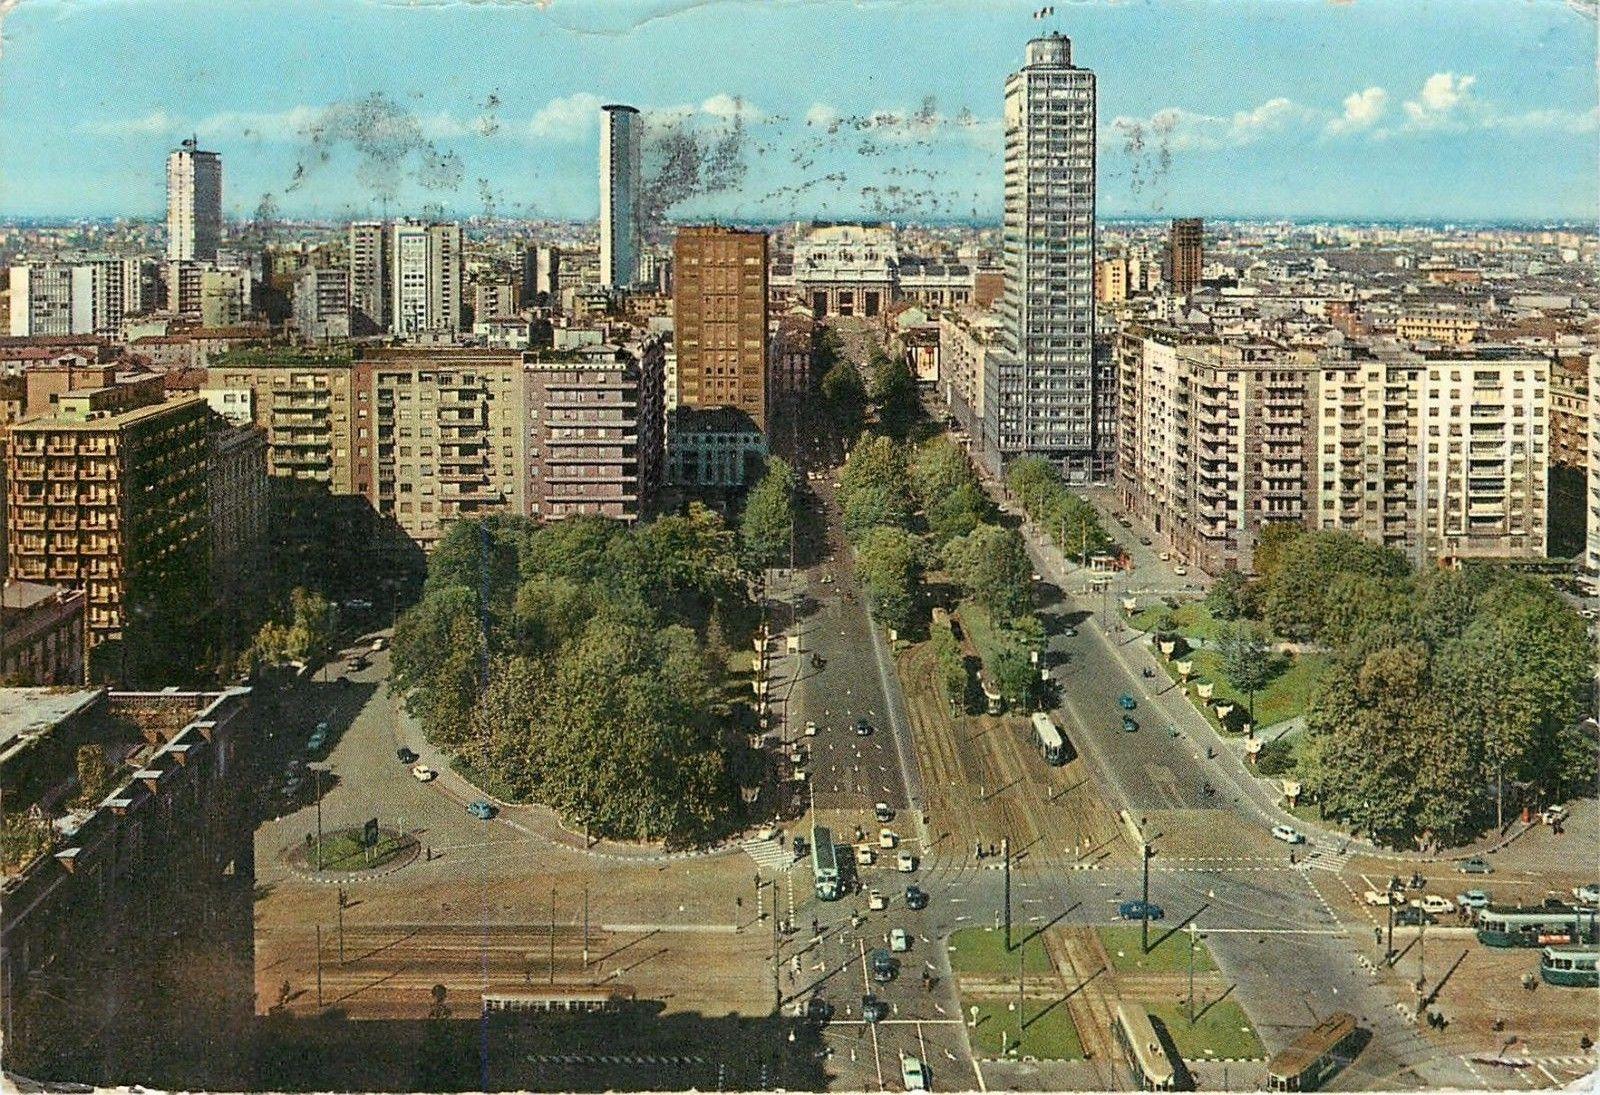 Cartolina postalizzata raffigurante Piazza della Repubblica (1963). Fonte immagine hippostcard.com